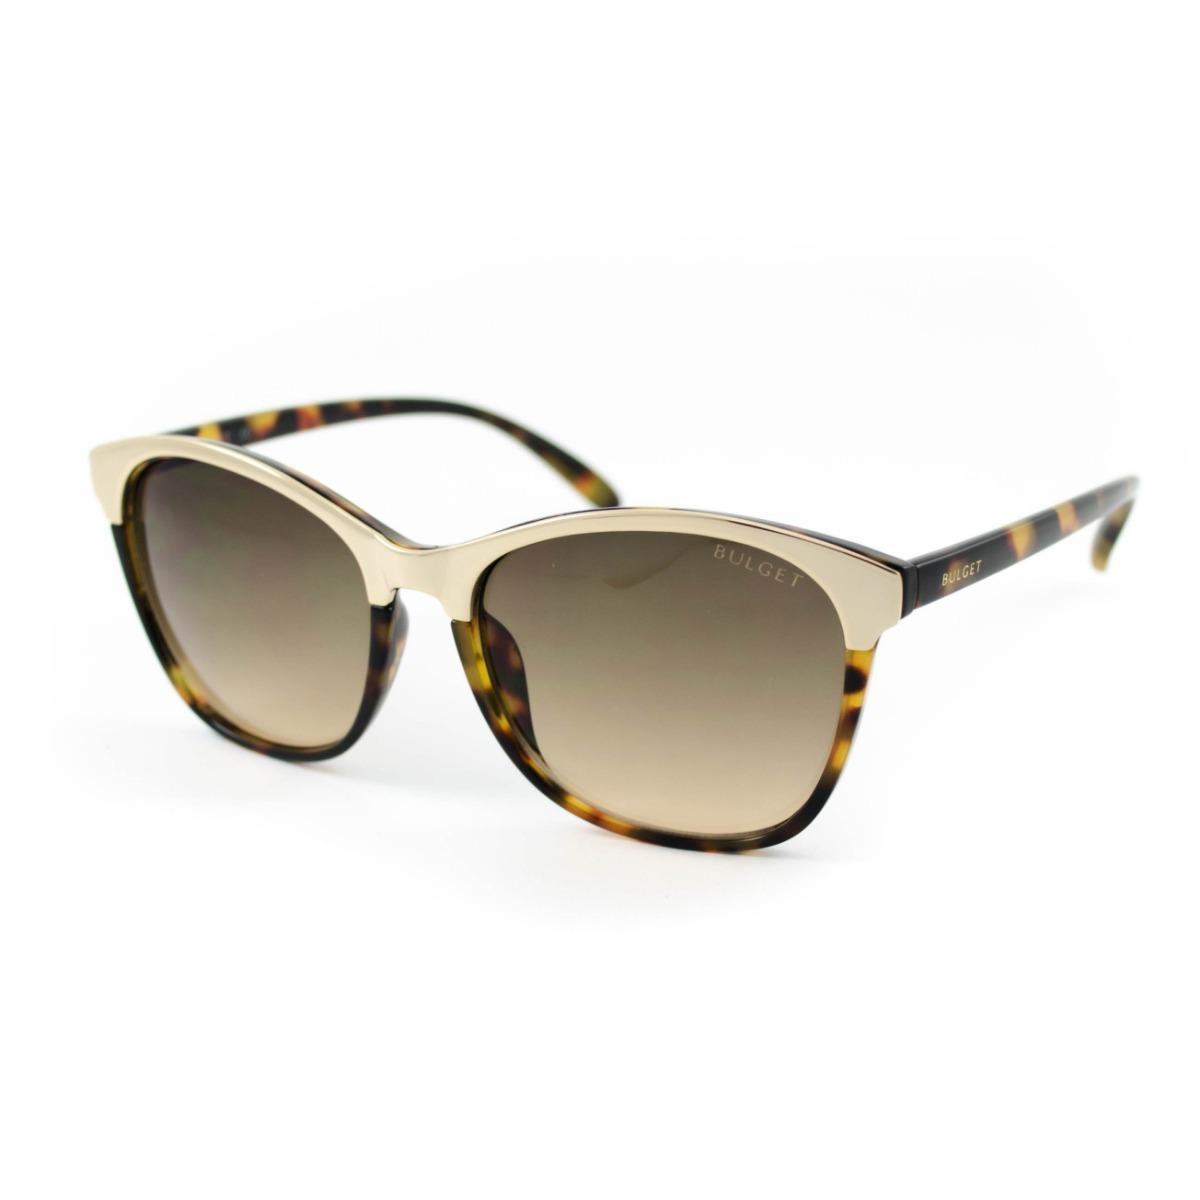 8543c304a59f7 óculos de sol bulget - bg5130 g21 - marrom. Carregando zoom.